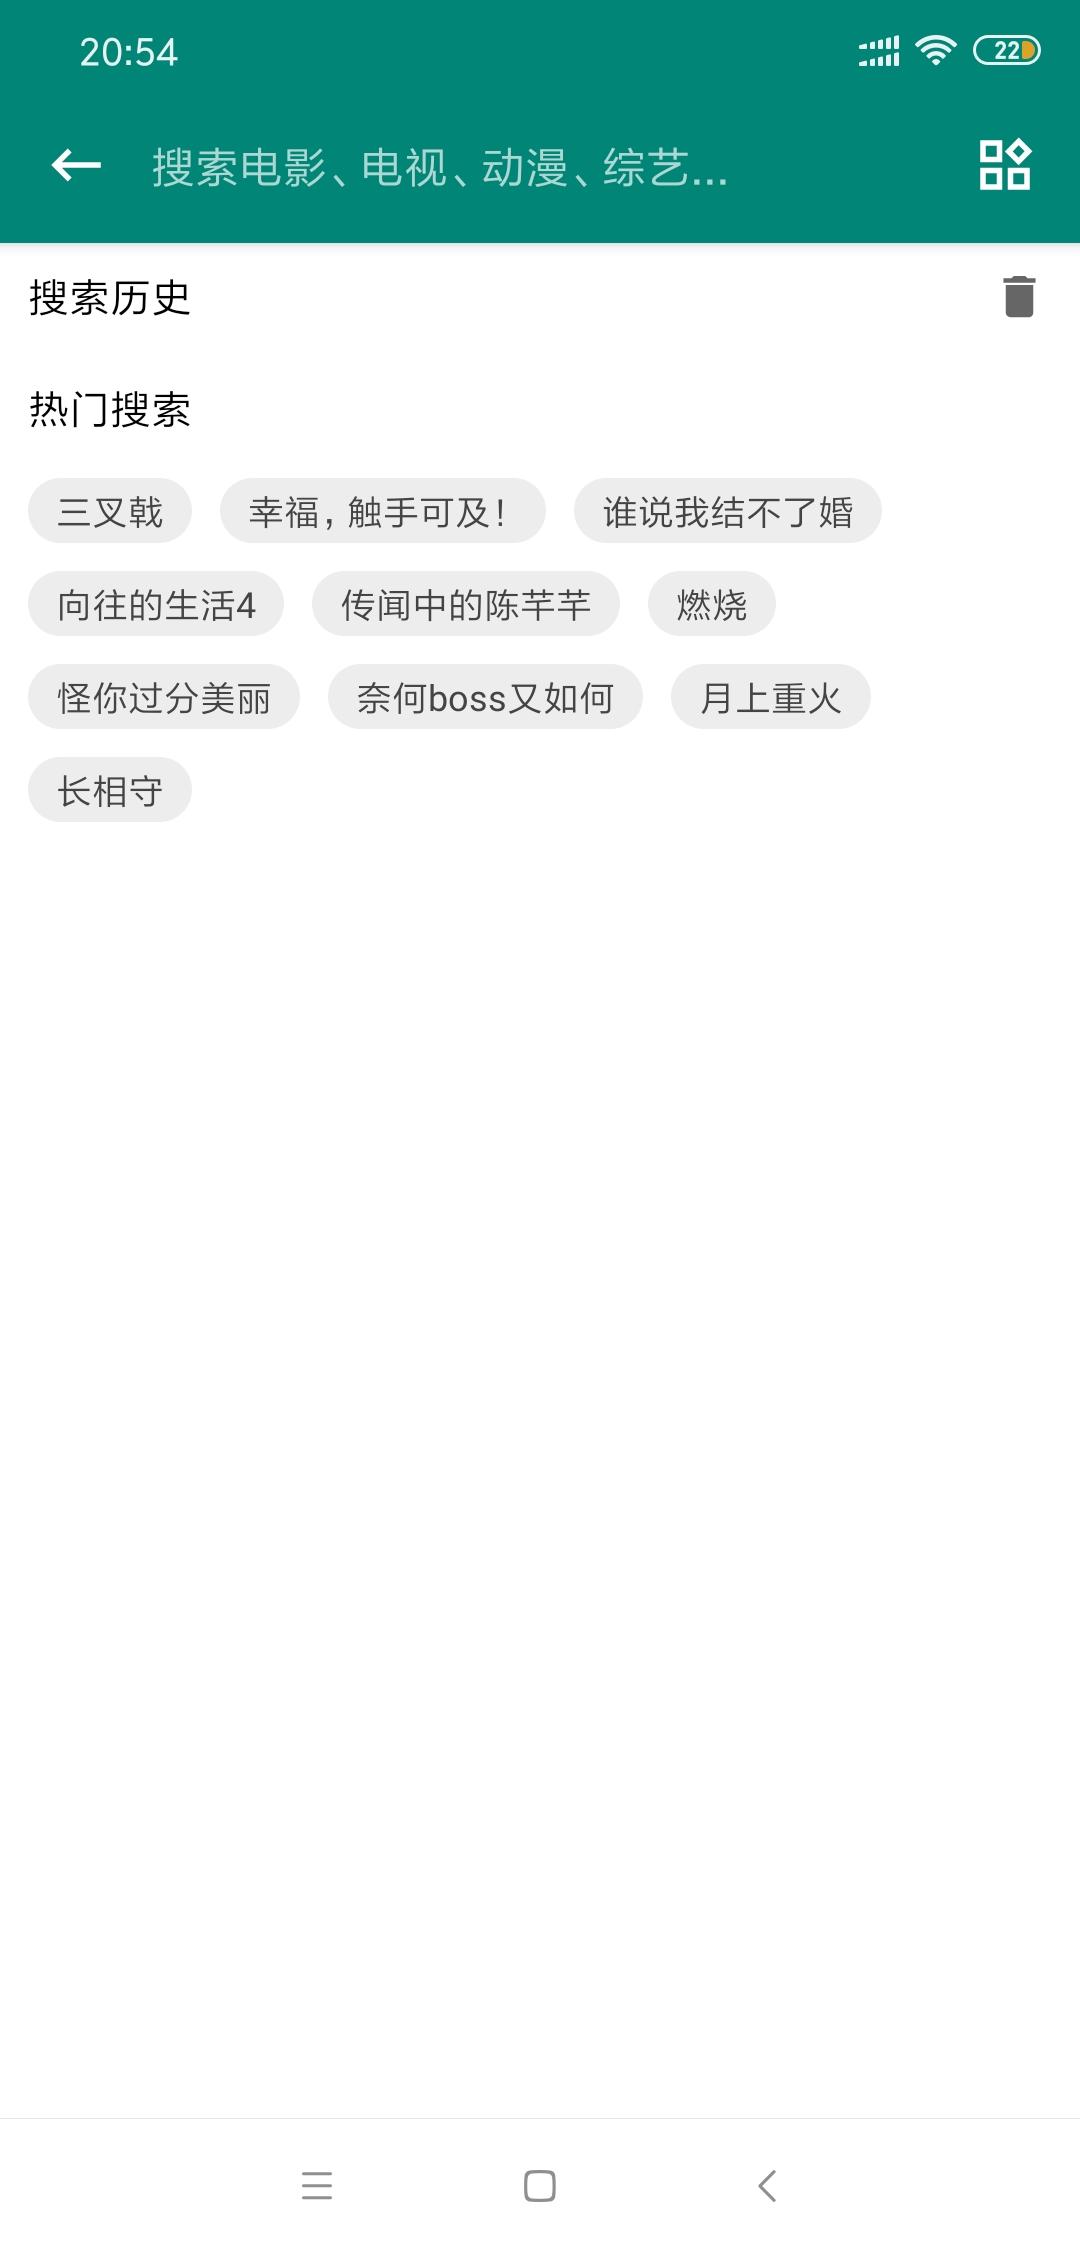 【原创修改】资源猫(一键搜索神器)最新版去广版-爱小助